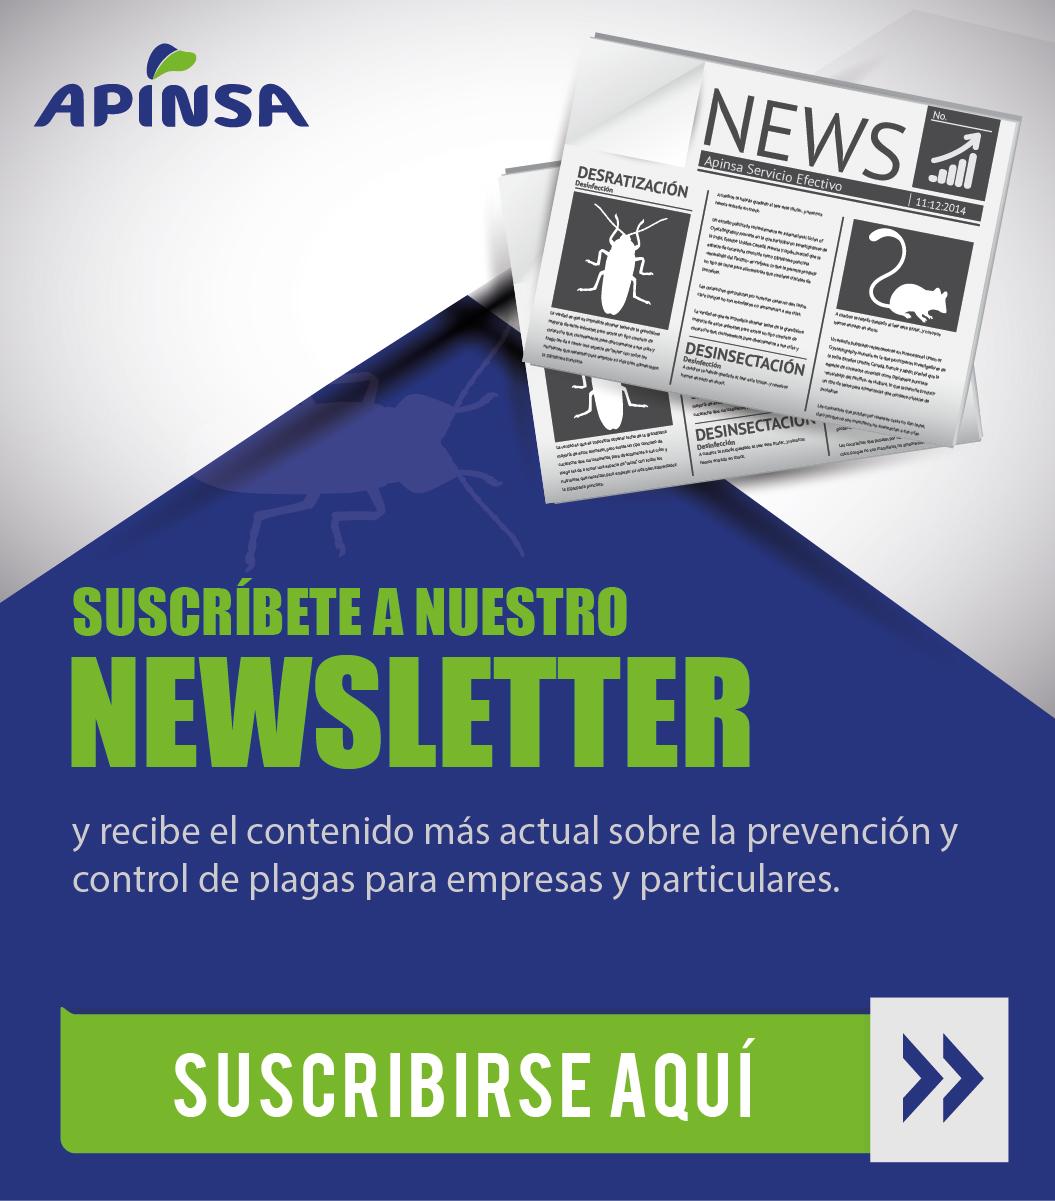 Suscribase al newsletter sobre control de plagas más actual